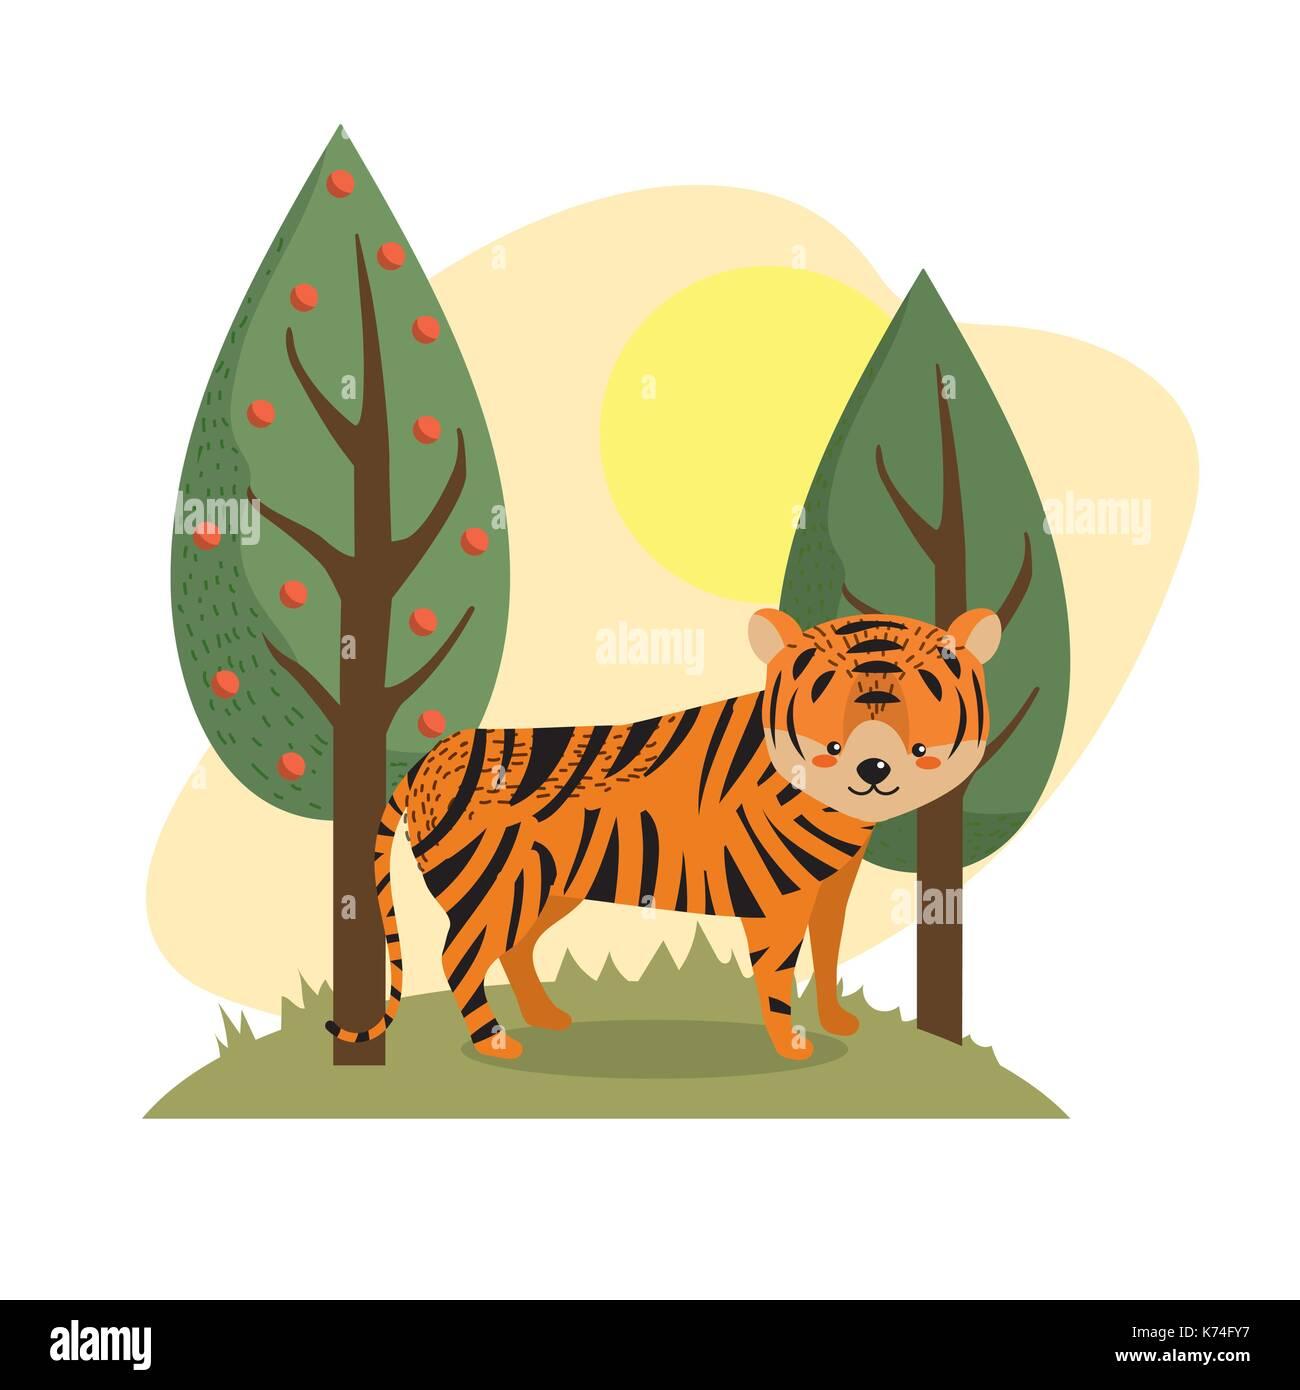 Vector Illustration Tiger Cartoon Stockfotos & Vector Illustration ...